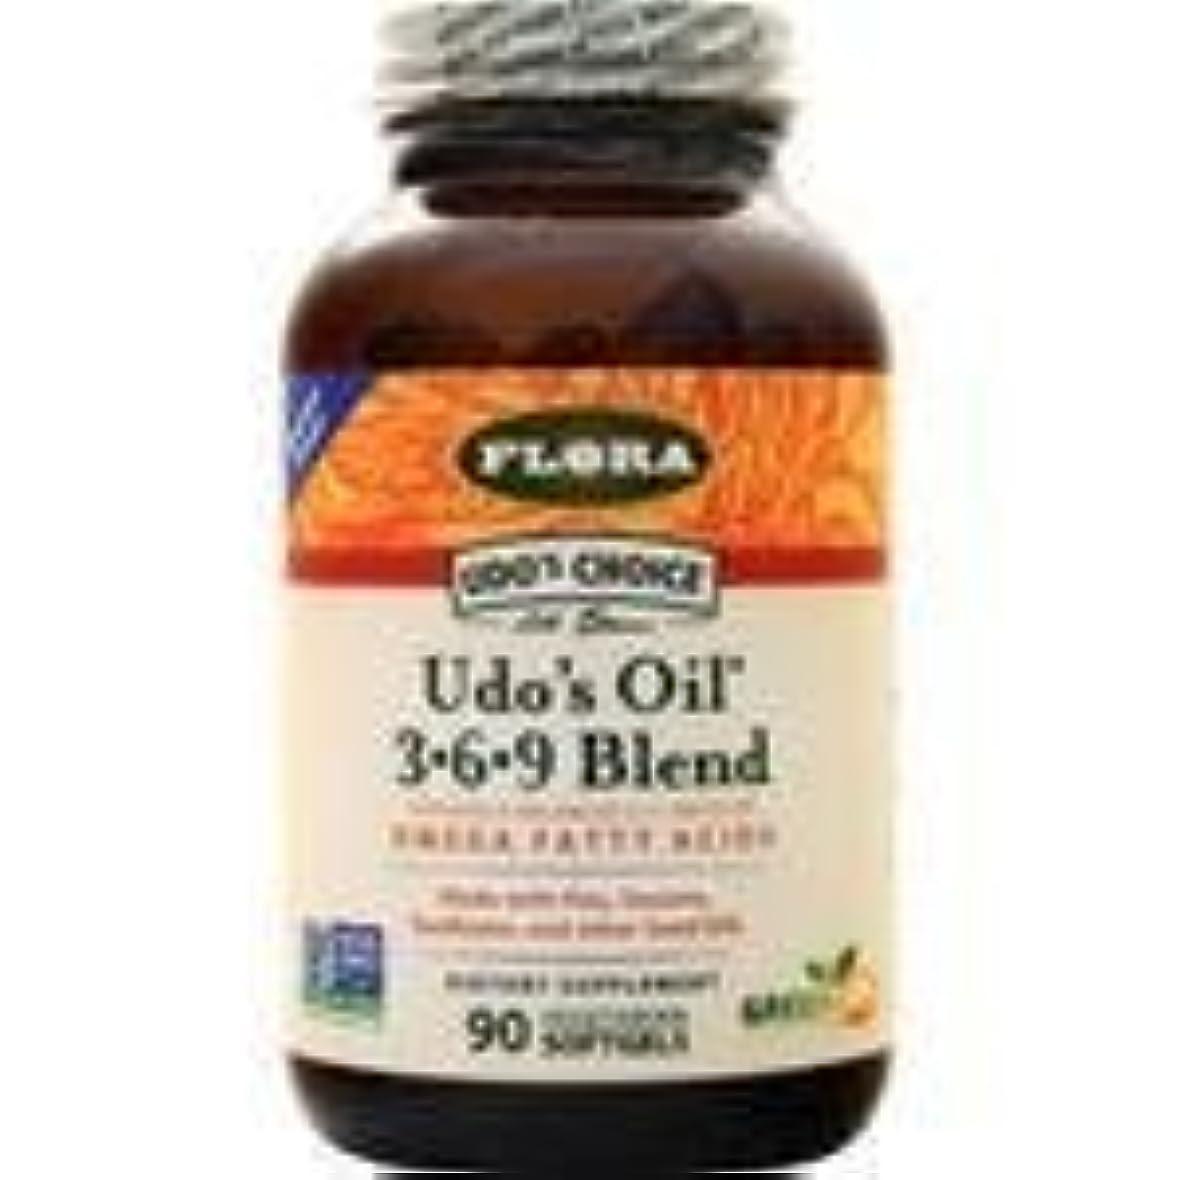 落ち込んでいる申請中個人Udo's Choice Udo's Oil 3-6-9 Blend 90 sgels 2個パック